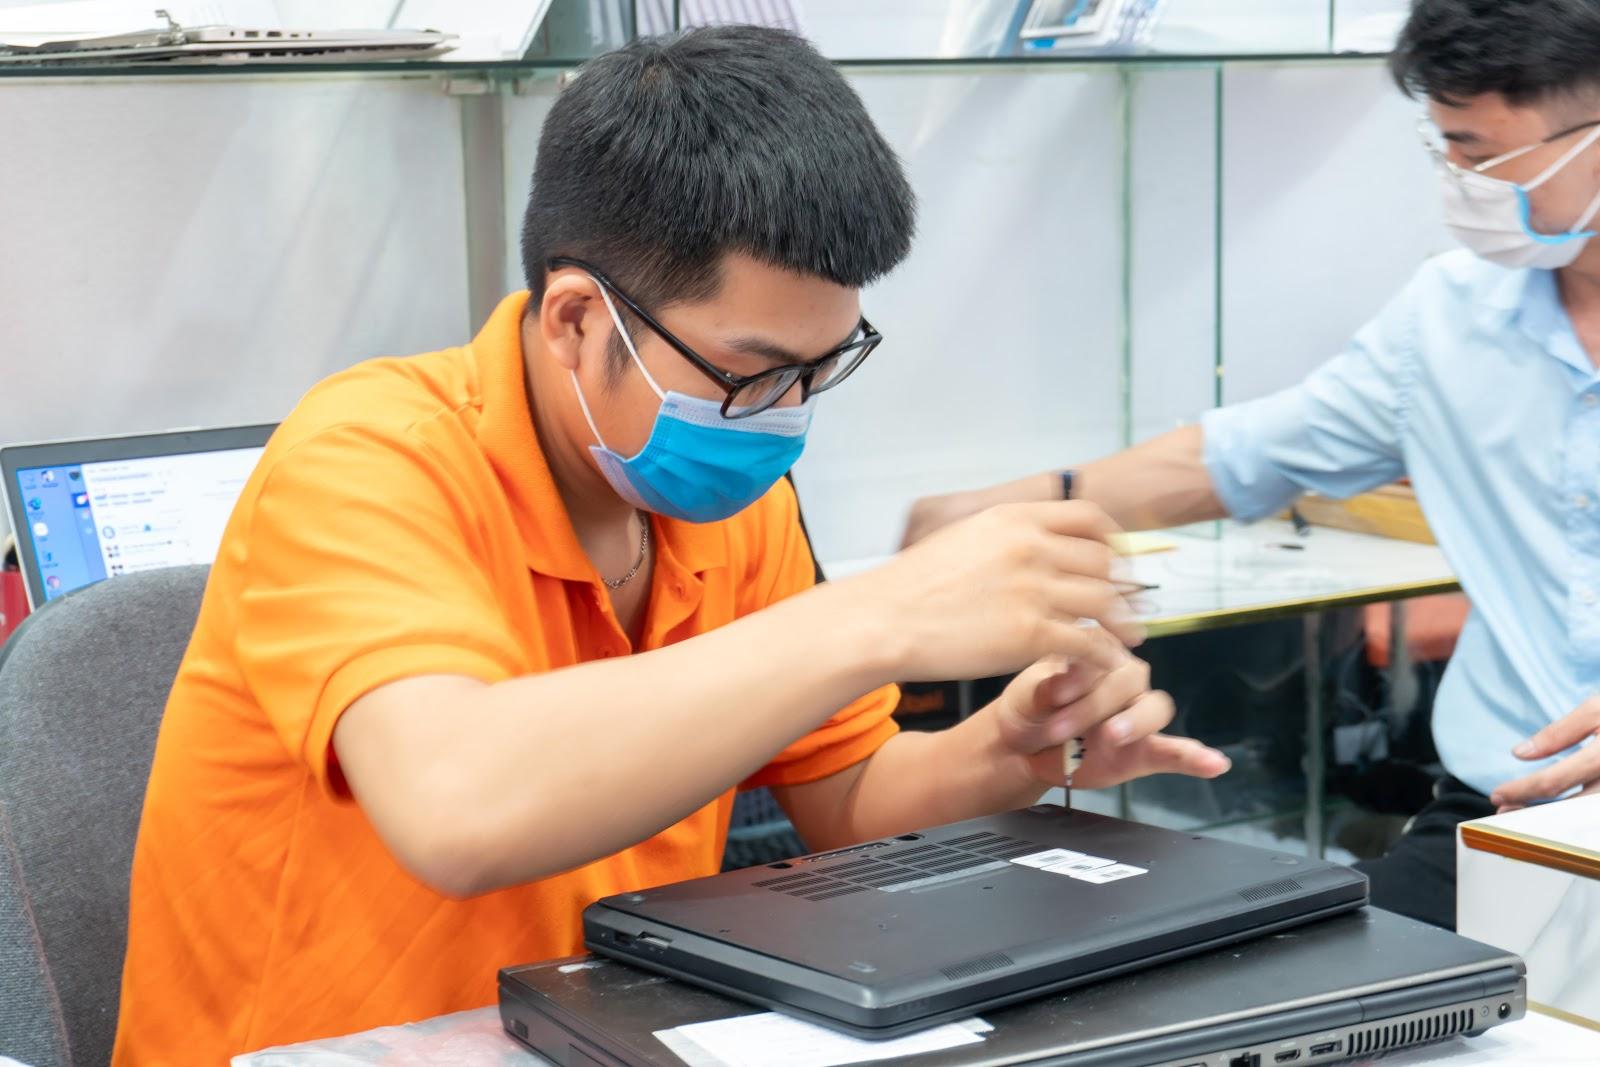 Sửa chữa laptop Cầu Giấy ở đâu tốt nhất?